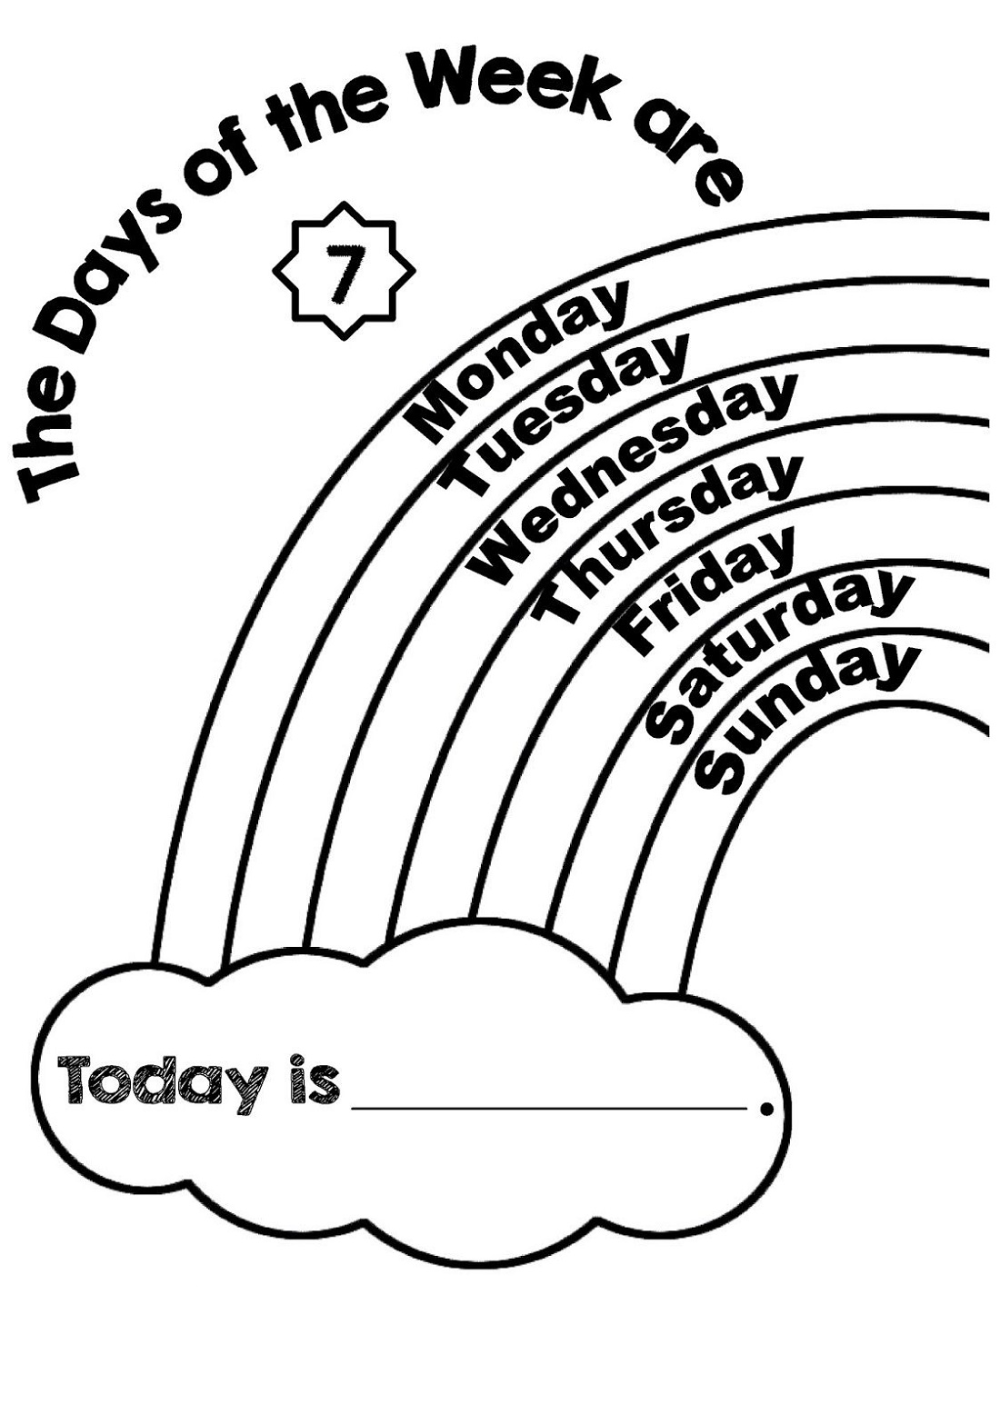 Days Of The Week Worksheet Coloring English Worksheets For Kids Worksheets For Kids Preschool Learning [ 1424 x 1000 Pixel ]